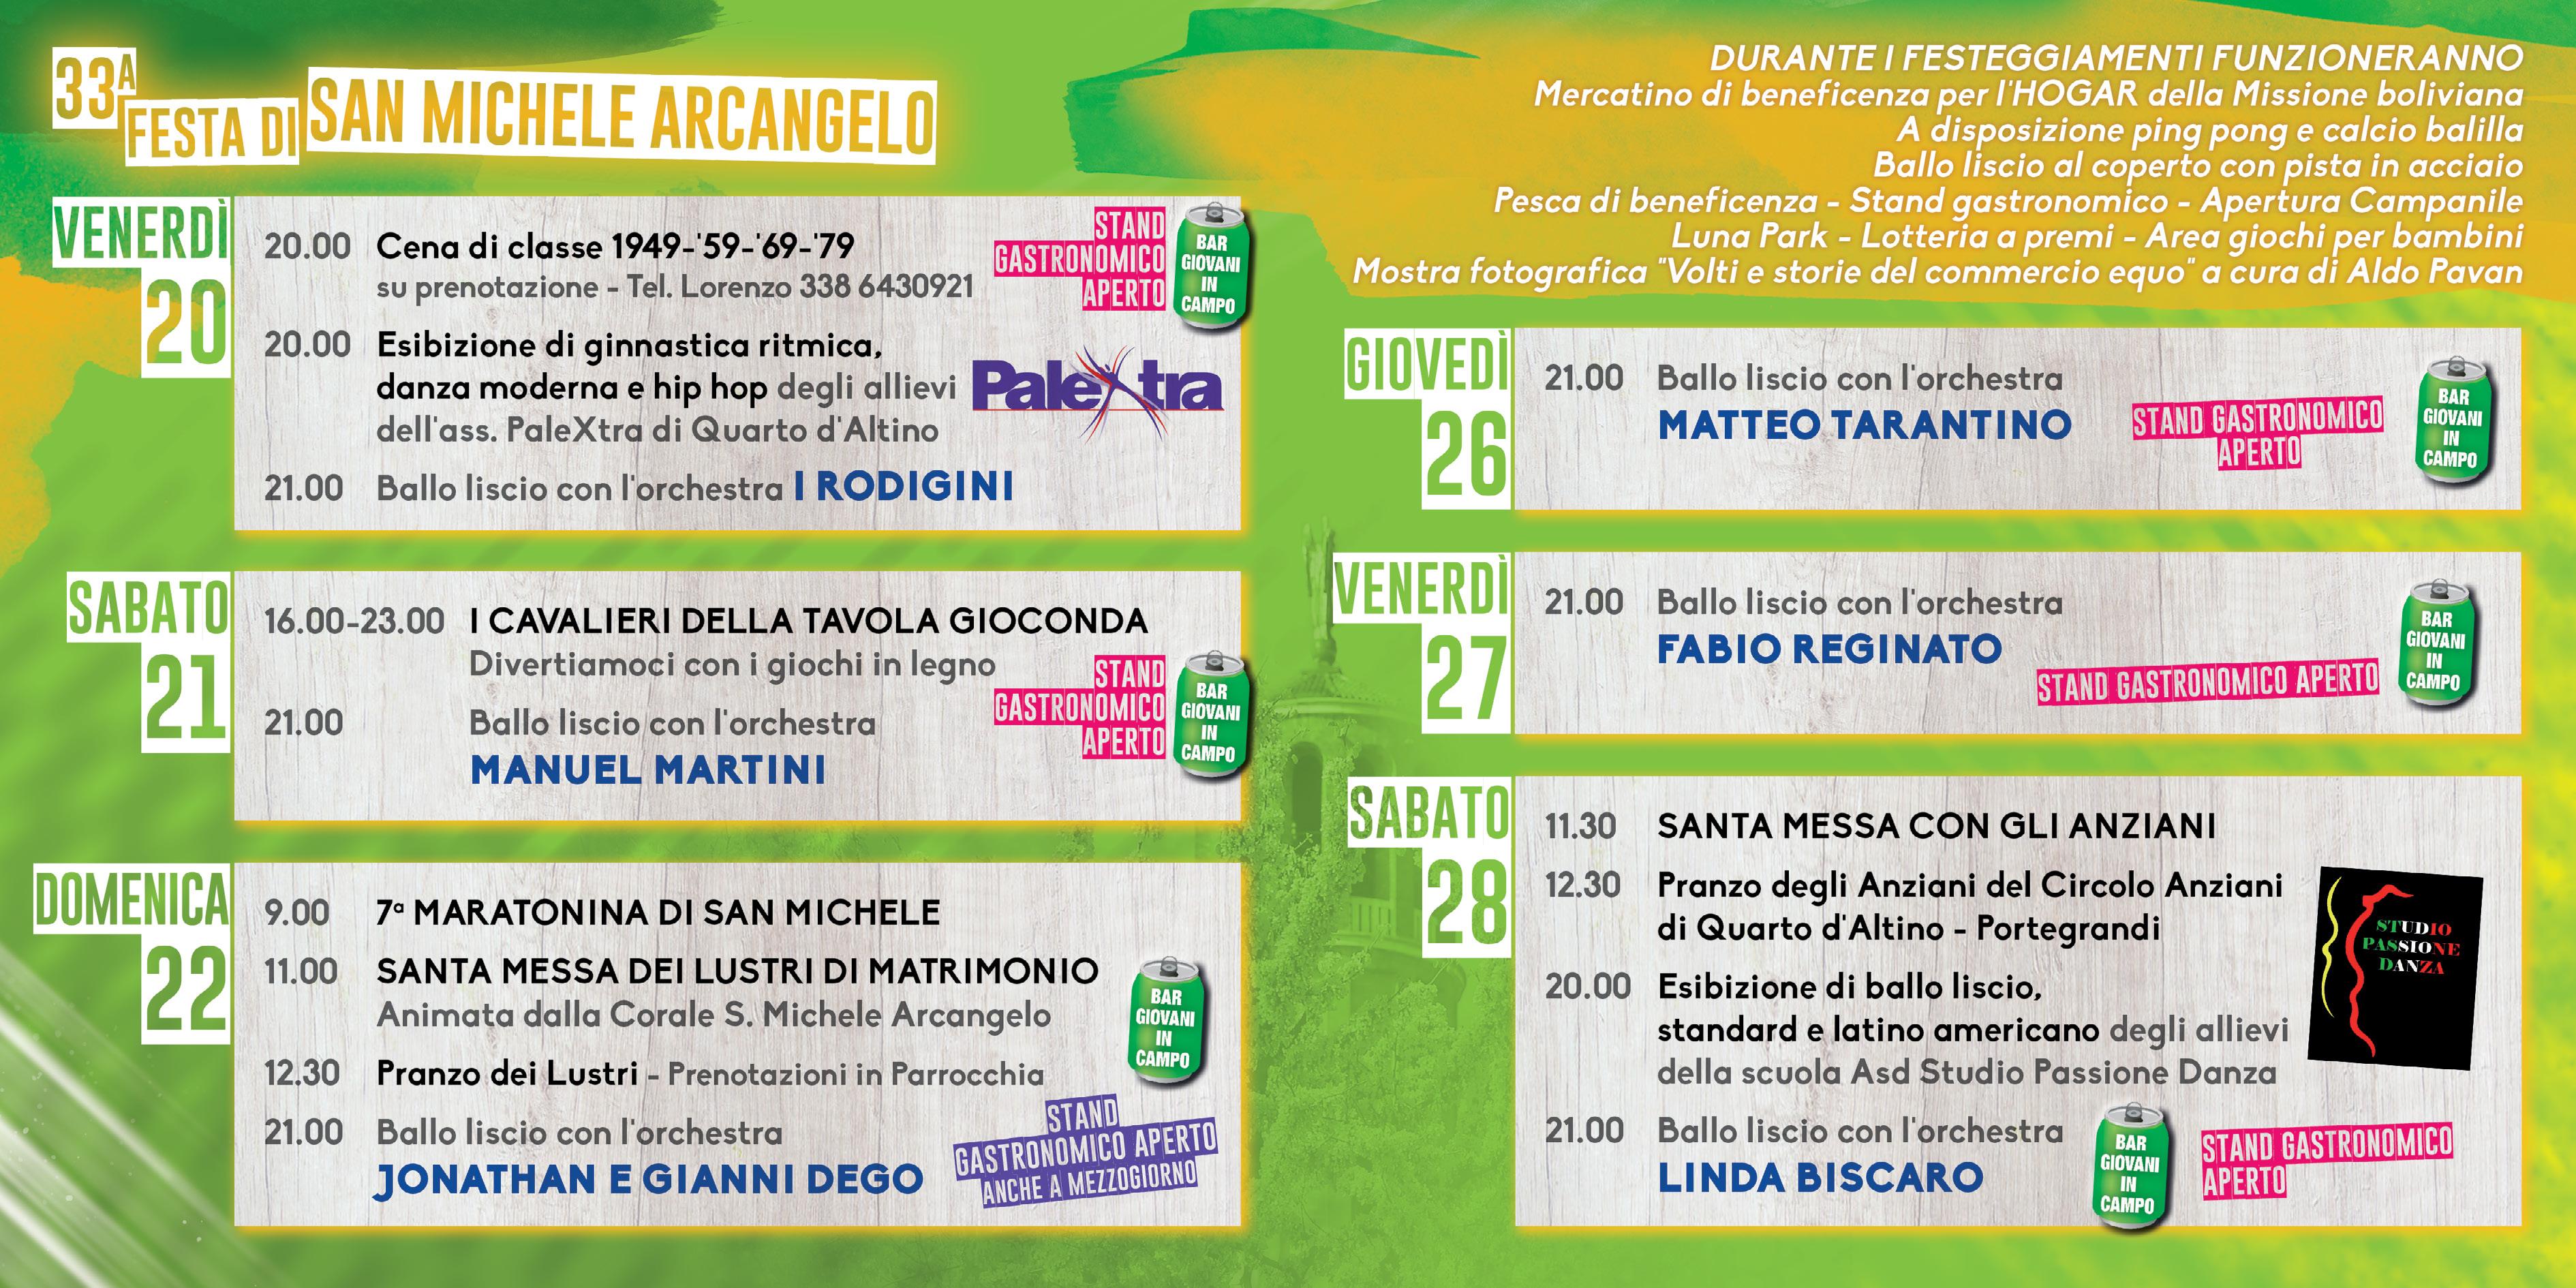 San Michele Data Calendario.Quarto D Altino Portegrandi E Altino Collaborazione